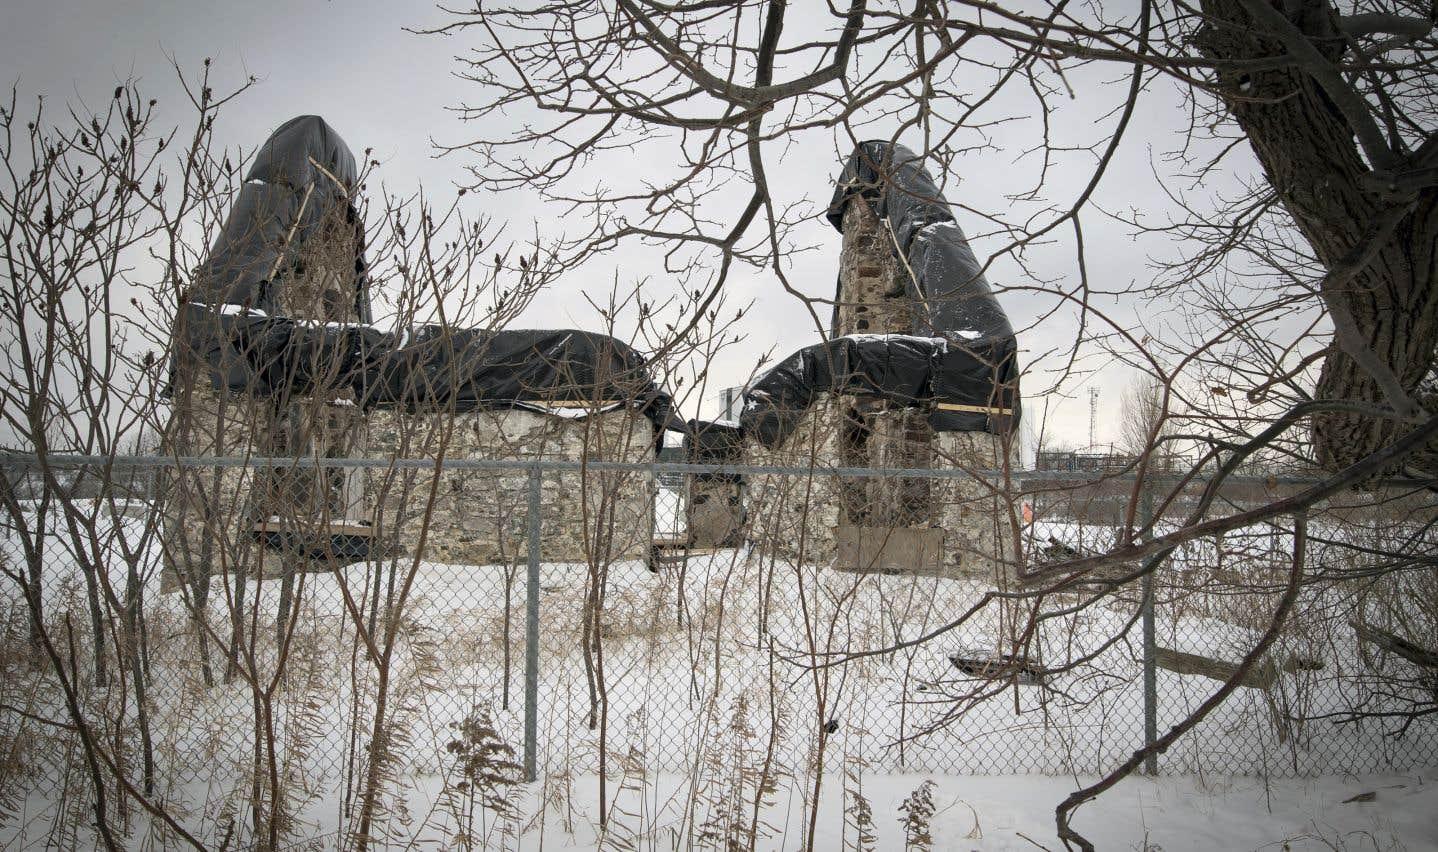 Pourquoi autant d'édifices patrimoniaux sont-ils malmenés?